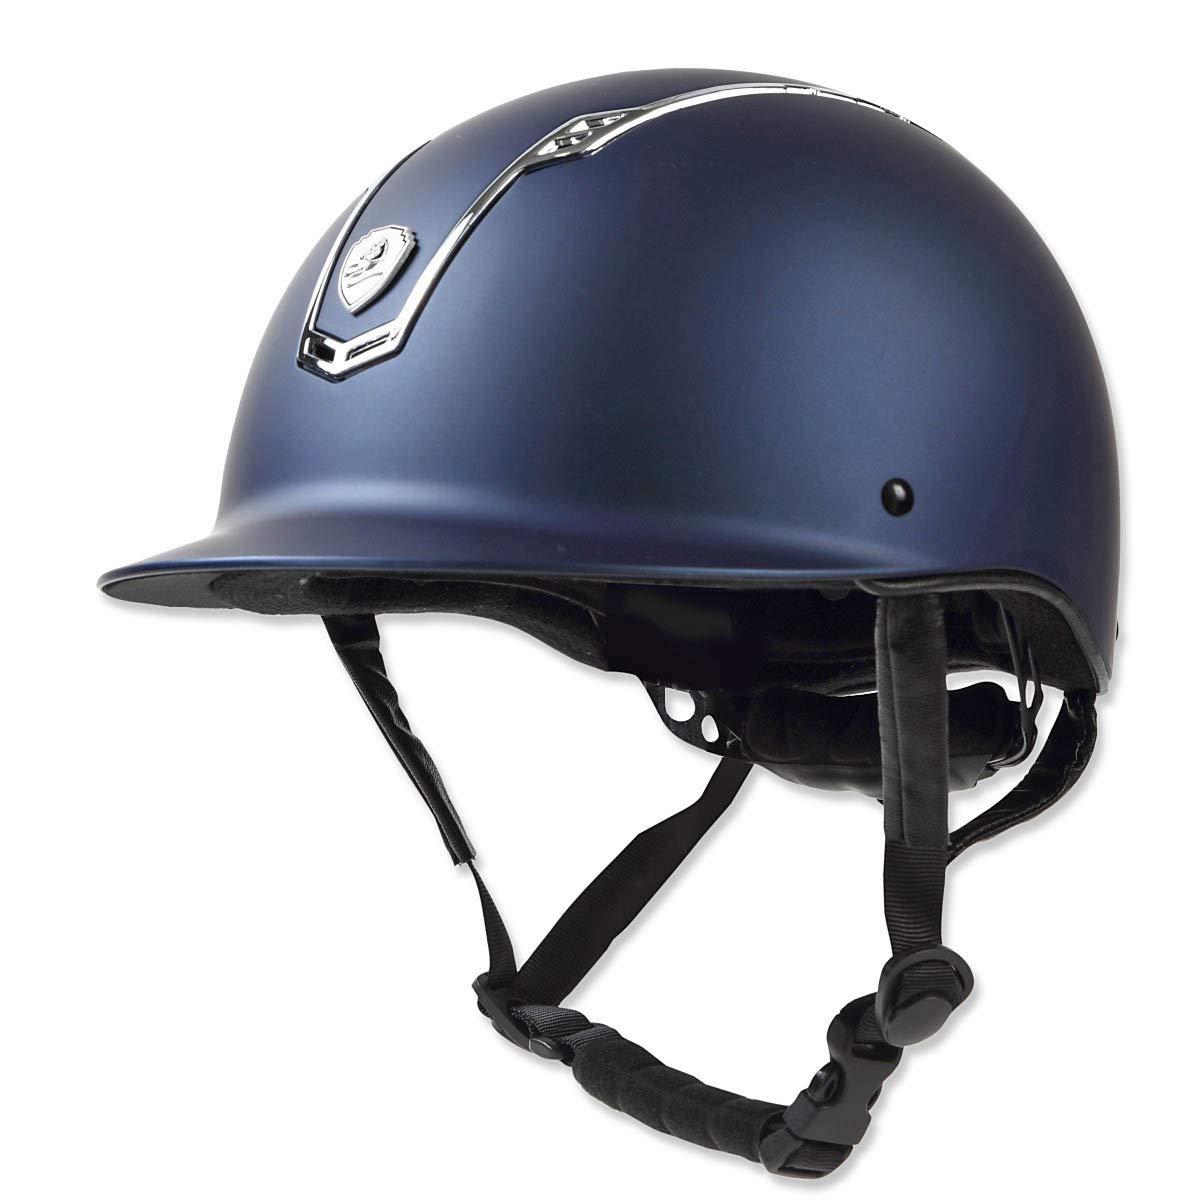 乗馬 ヘルメット プロテクター 乗馬帽 帽子 EQULIBERTA ソリッド ダイヤル調整ヘルメット 乗馬用品 馬具 Large ディープネイビー/メタルシルバー B07MPV47RK